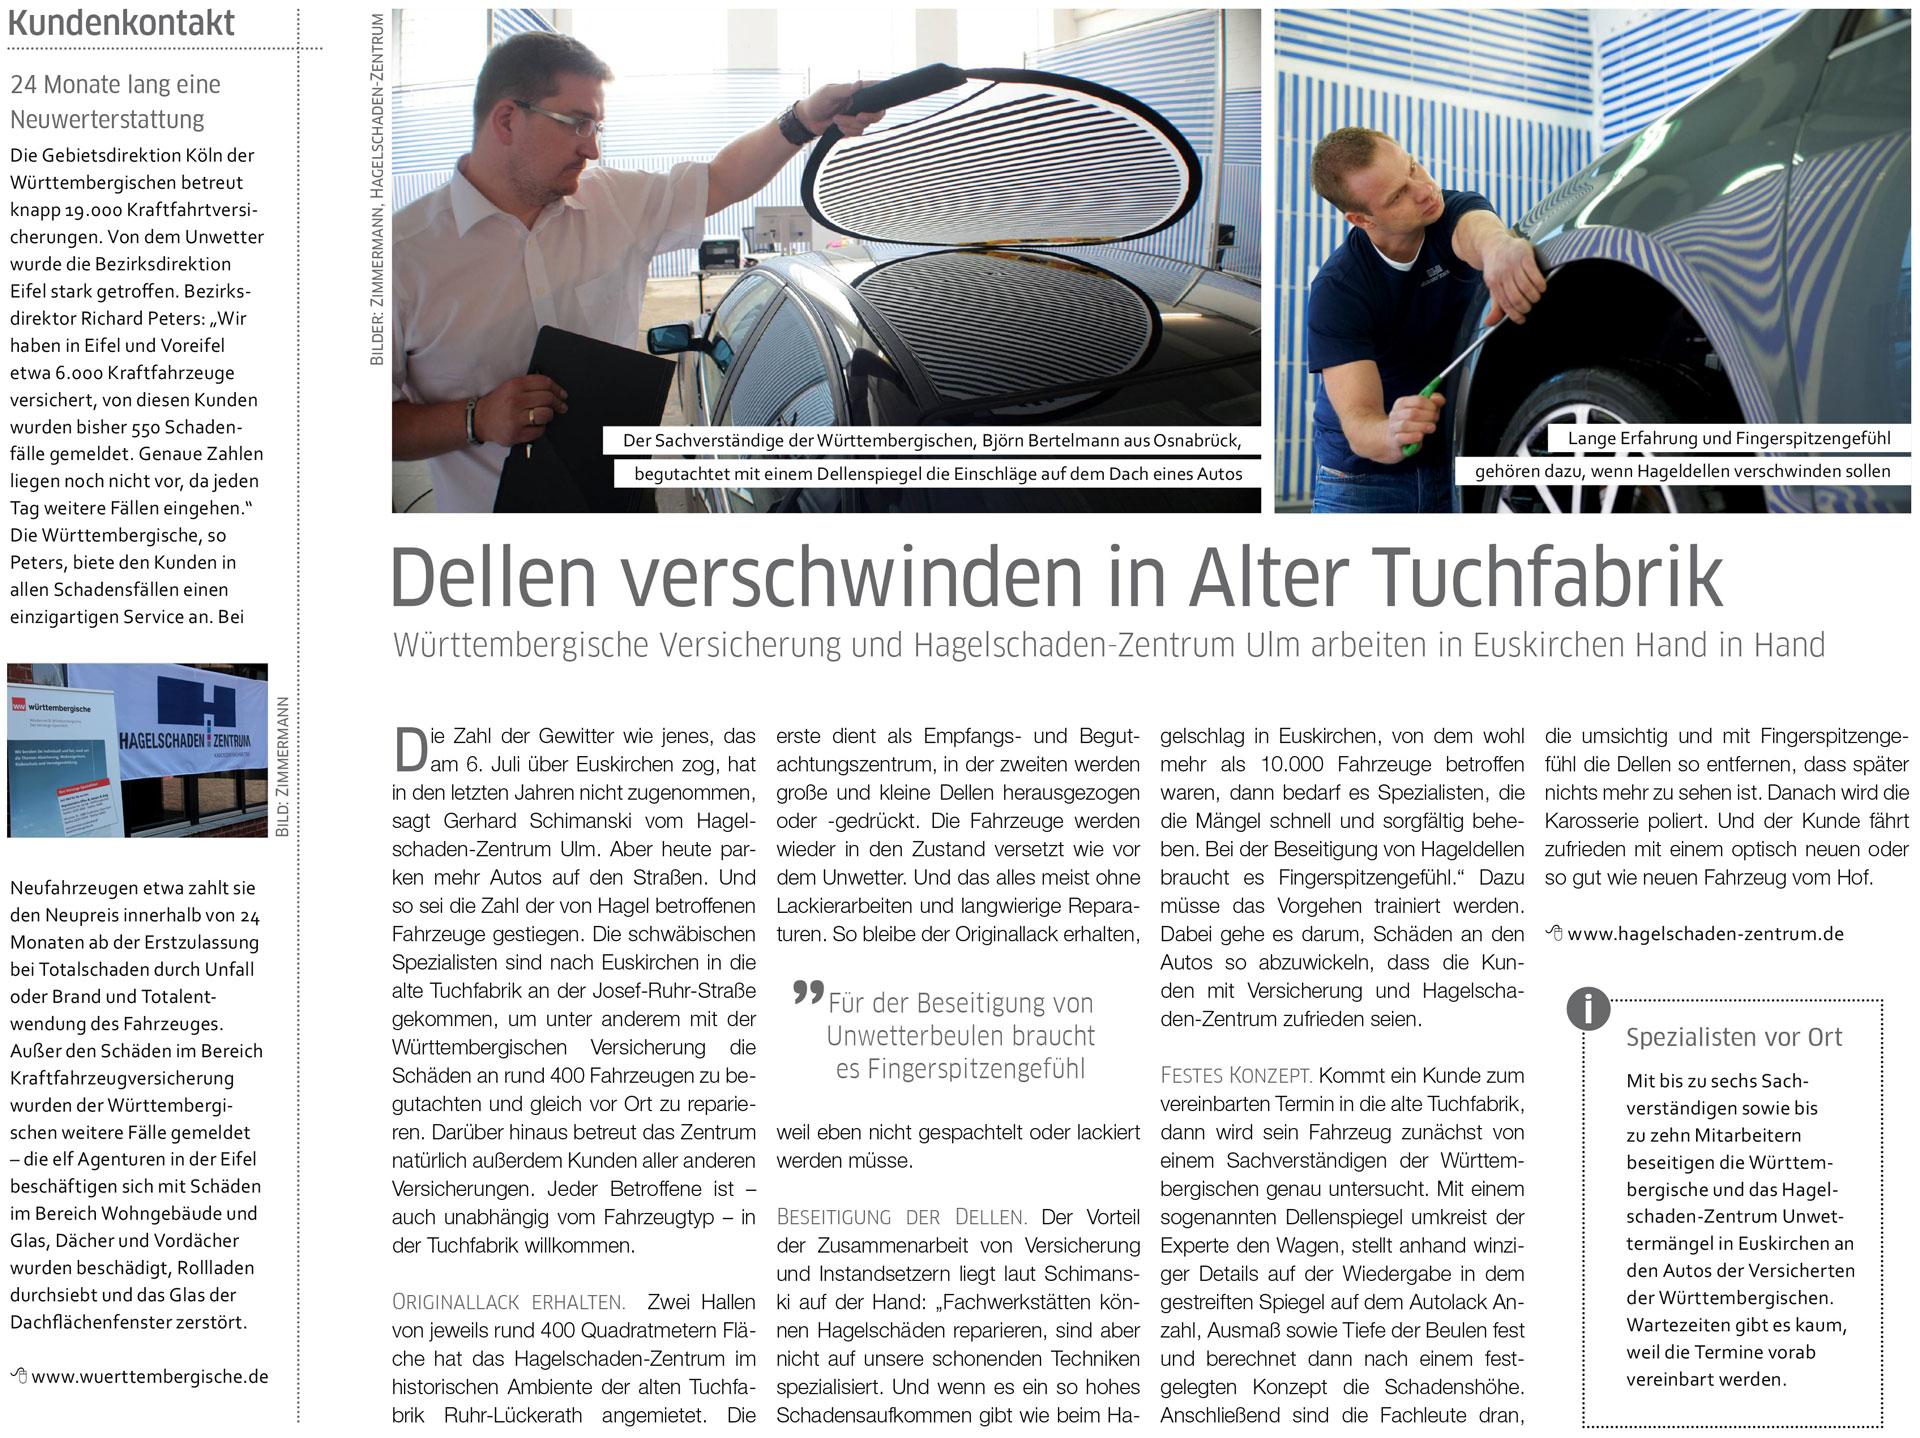 hsz-hagelschaden-euskirchen-bericht-artikel1